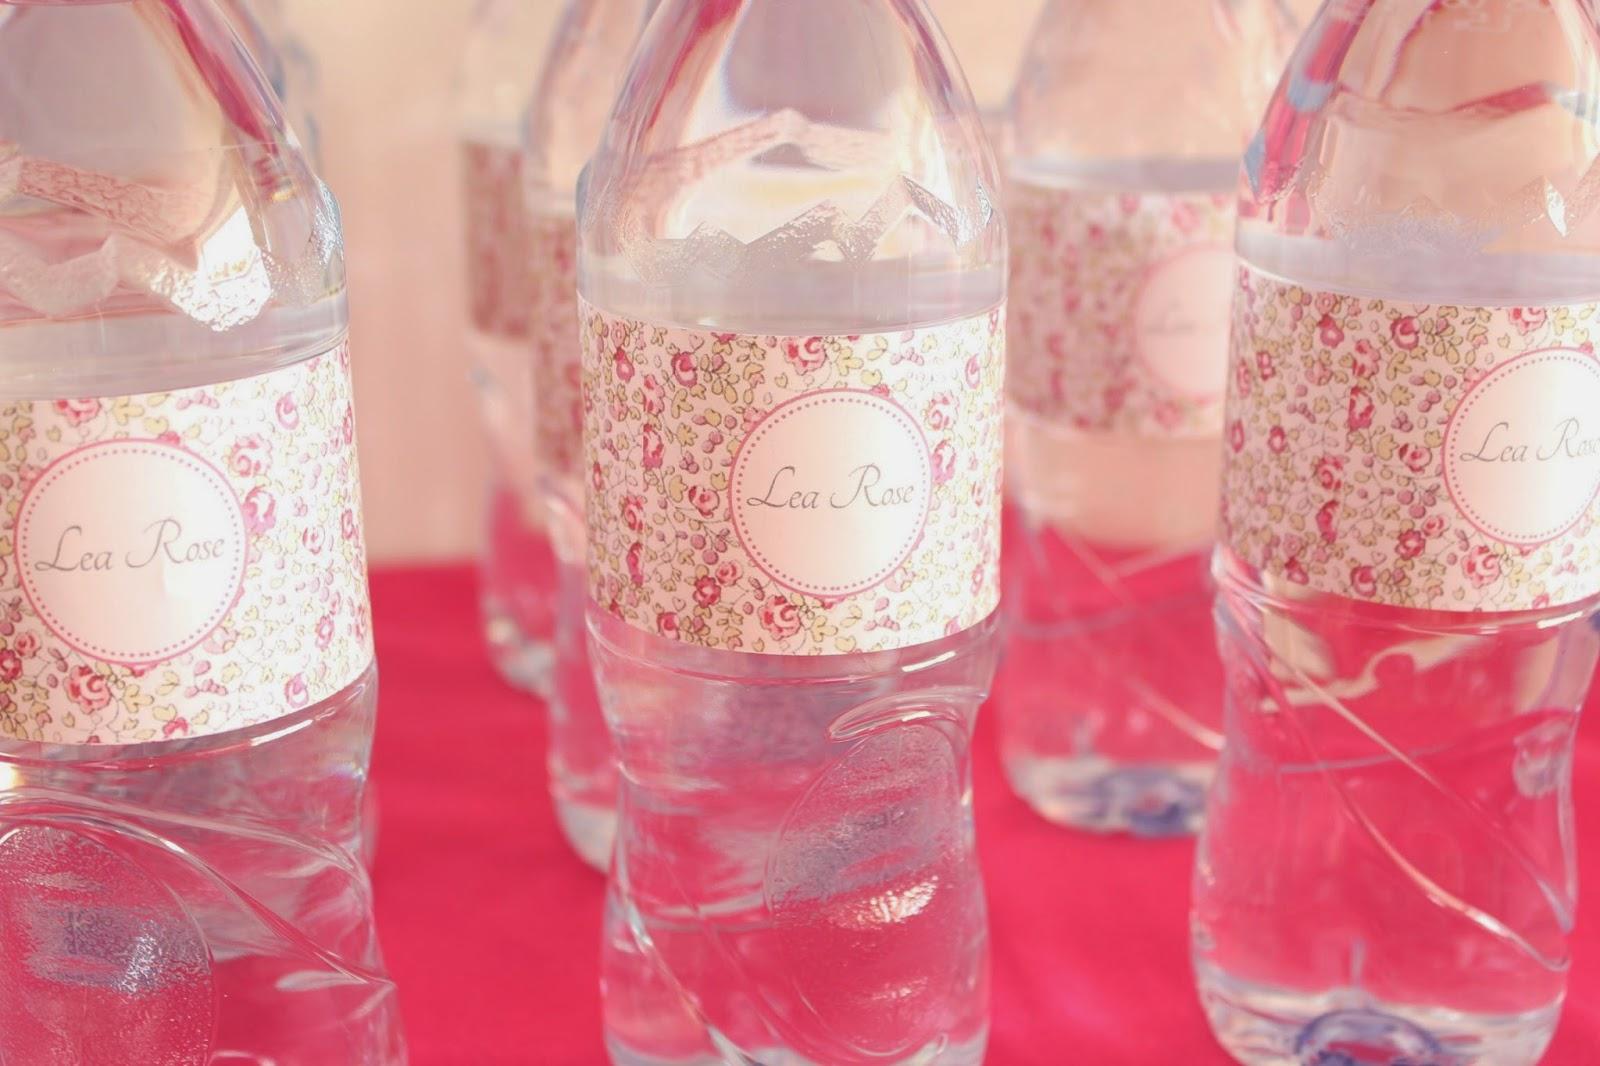 Décoration fleurie pour bouteille d'eau